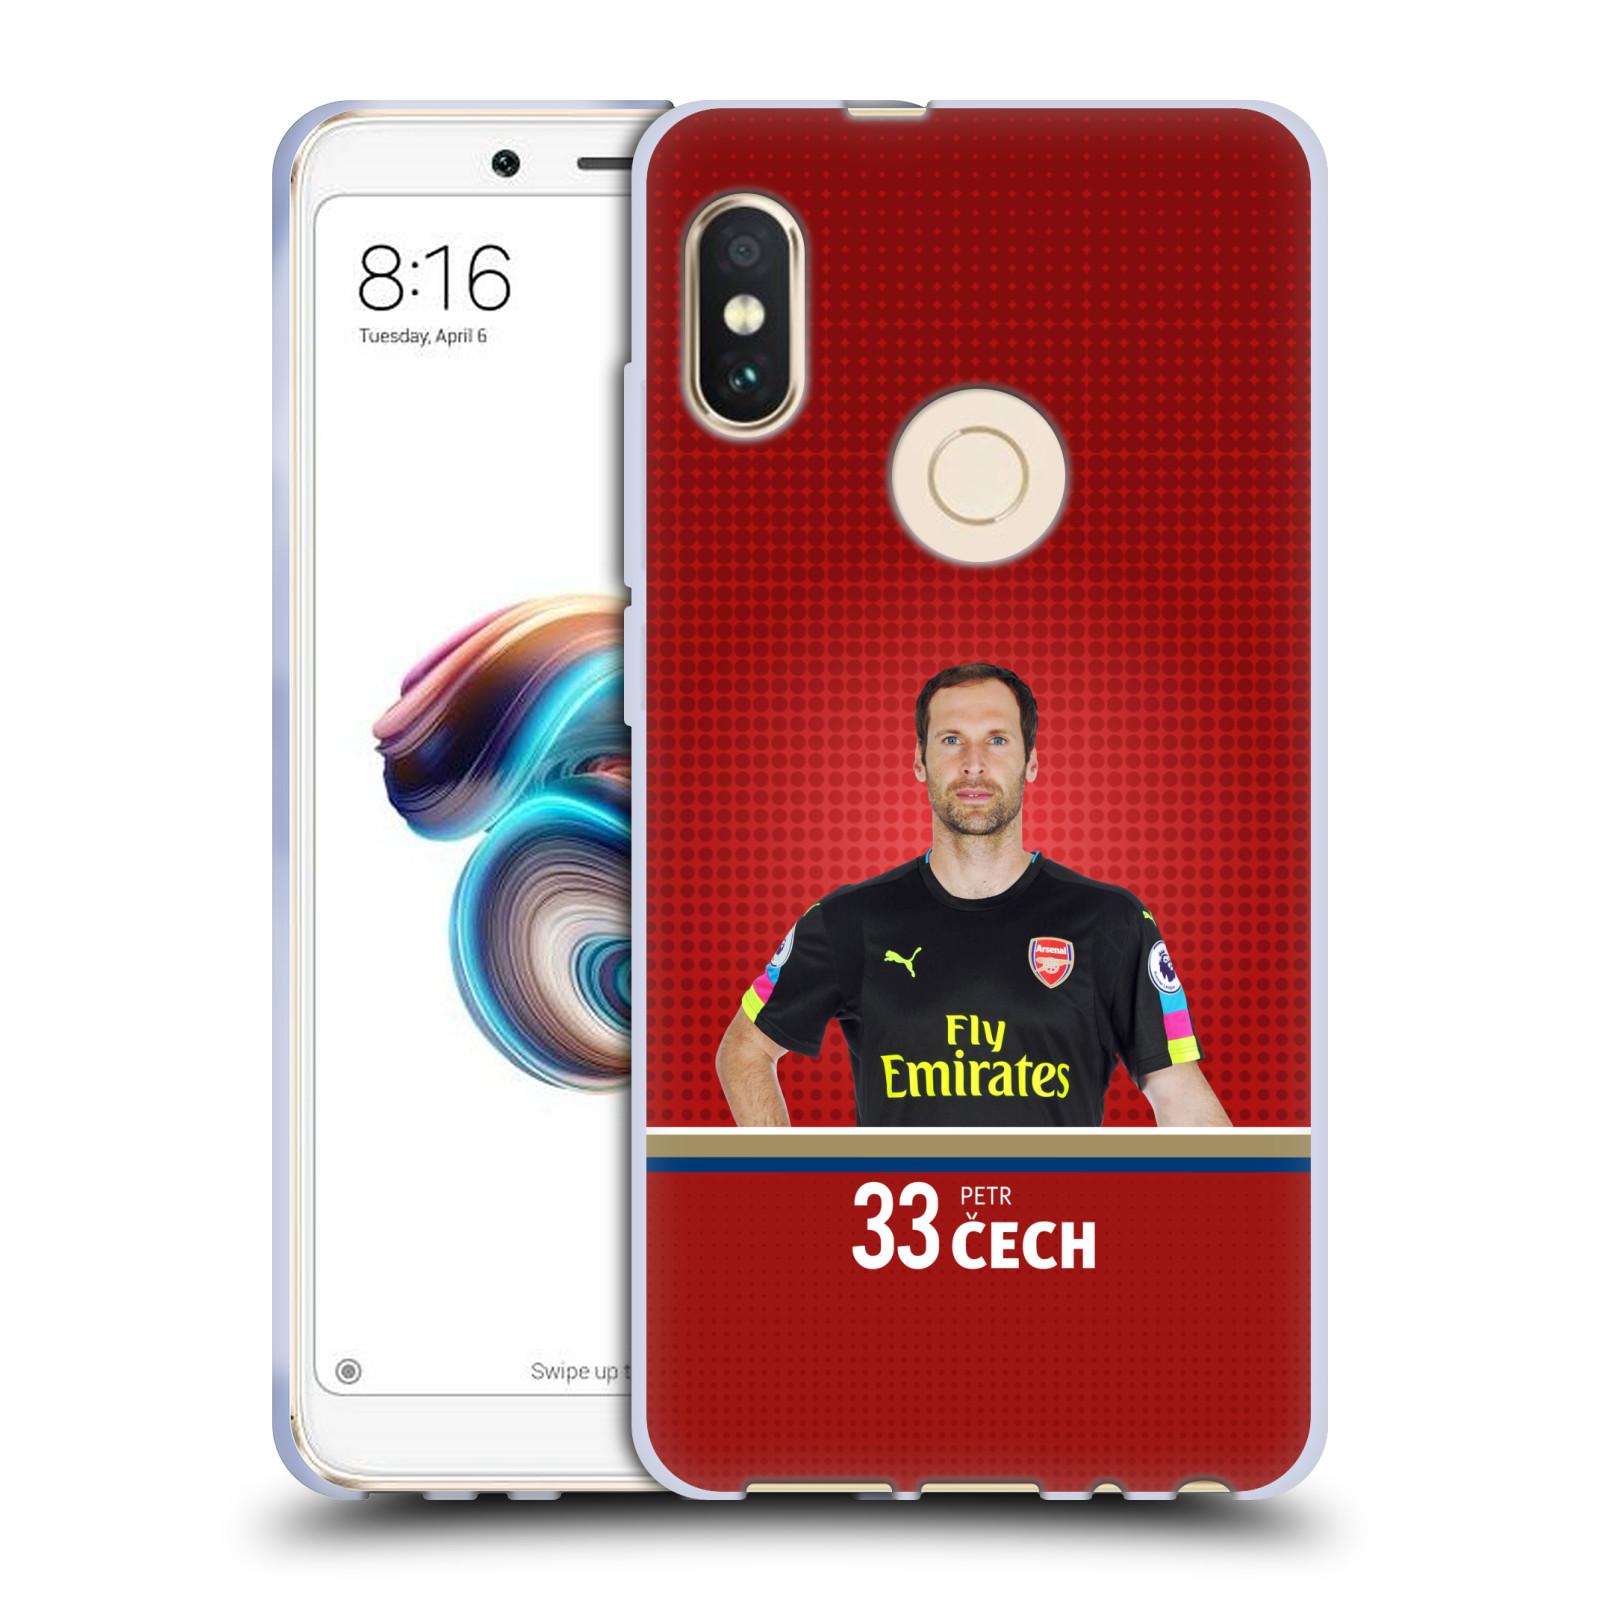 Silikonové pouzdro na mobil Xiaomi Redmi Note 5 - Head Case - Arsenal FC - Petr Čech